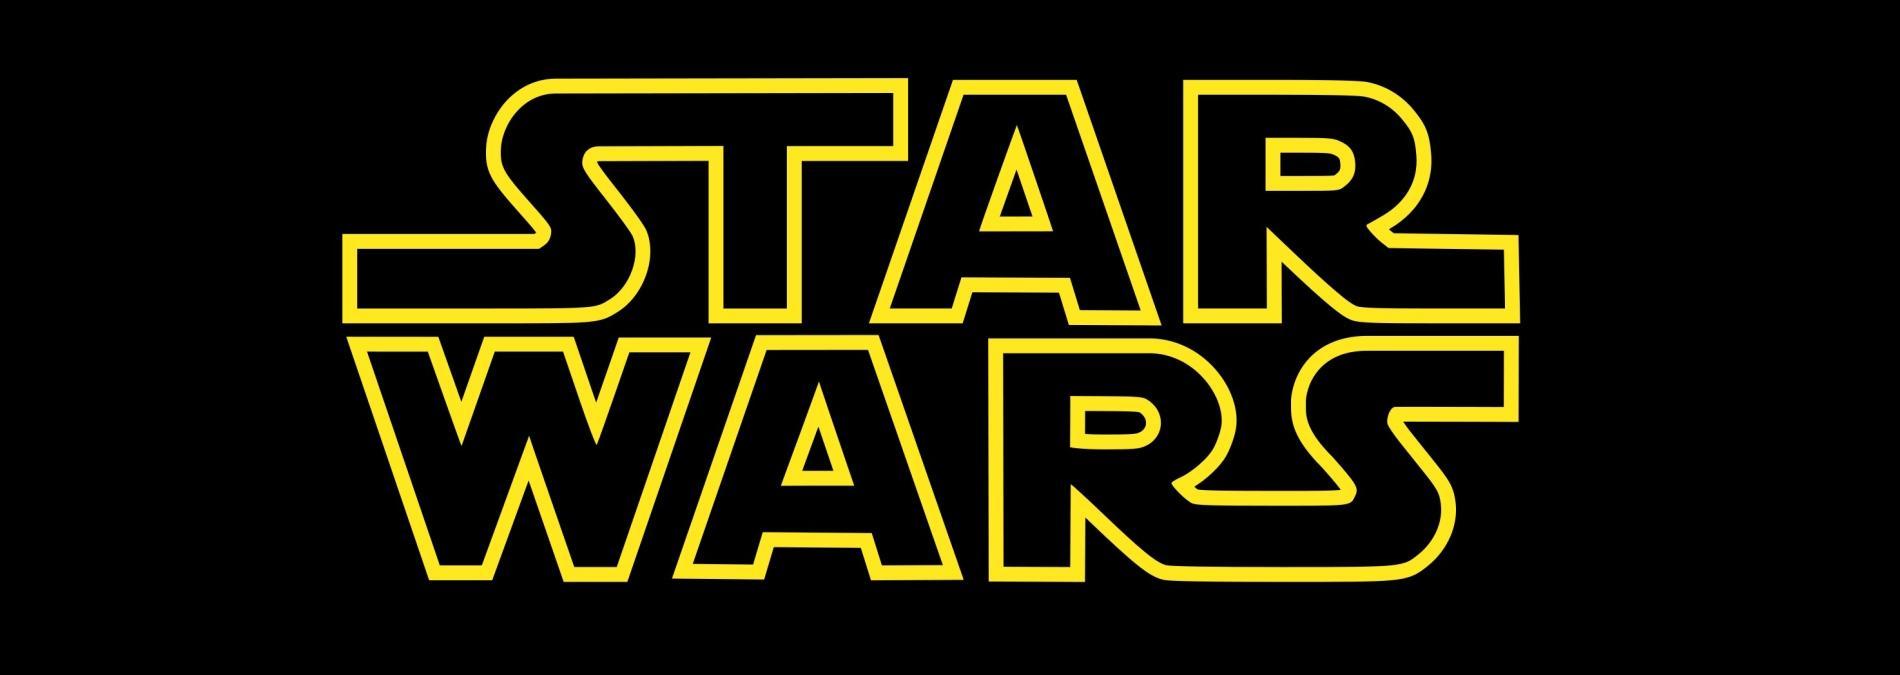 Războiul stelelor